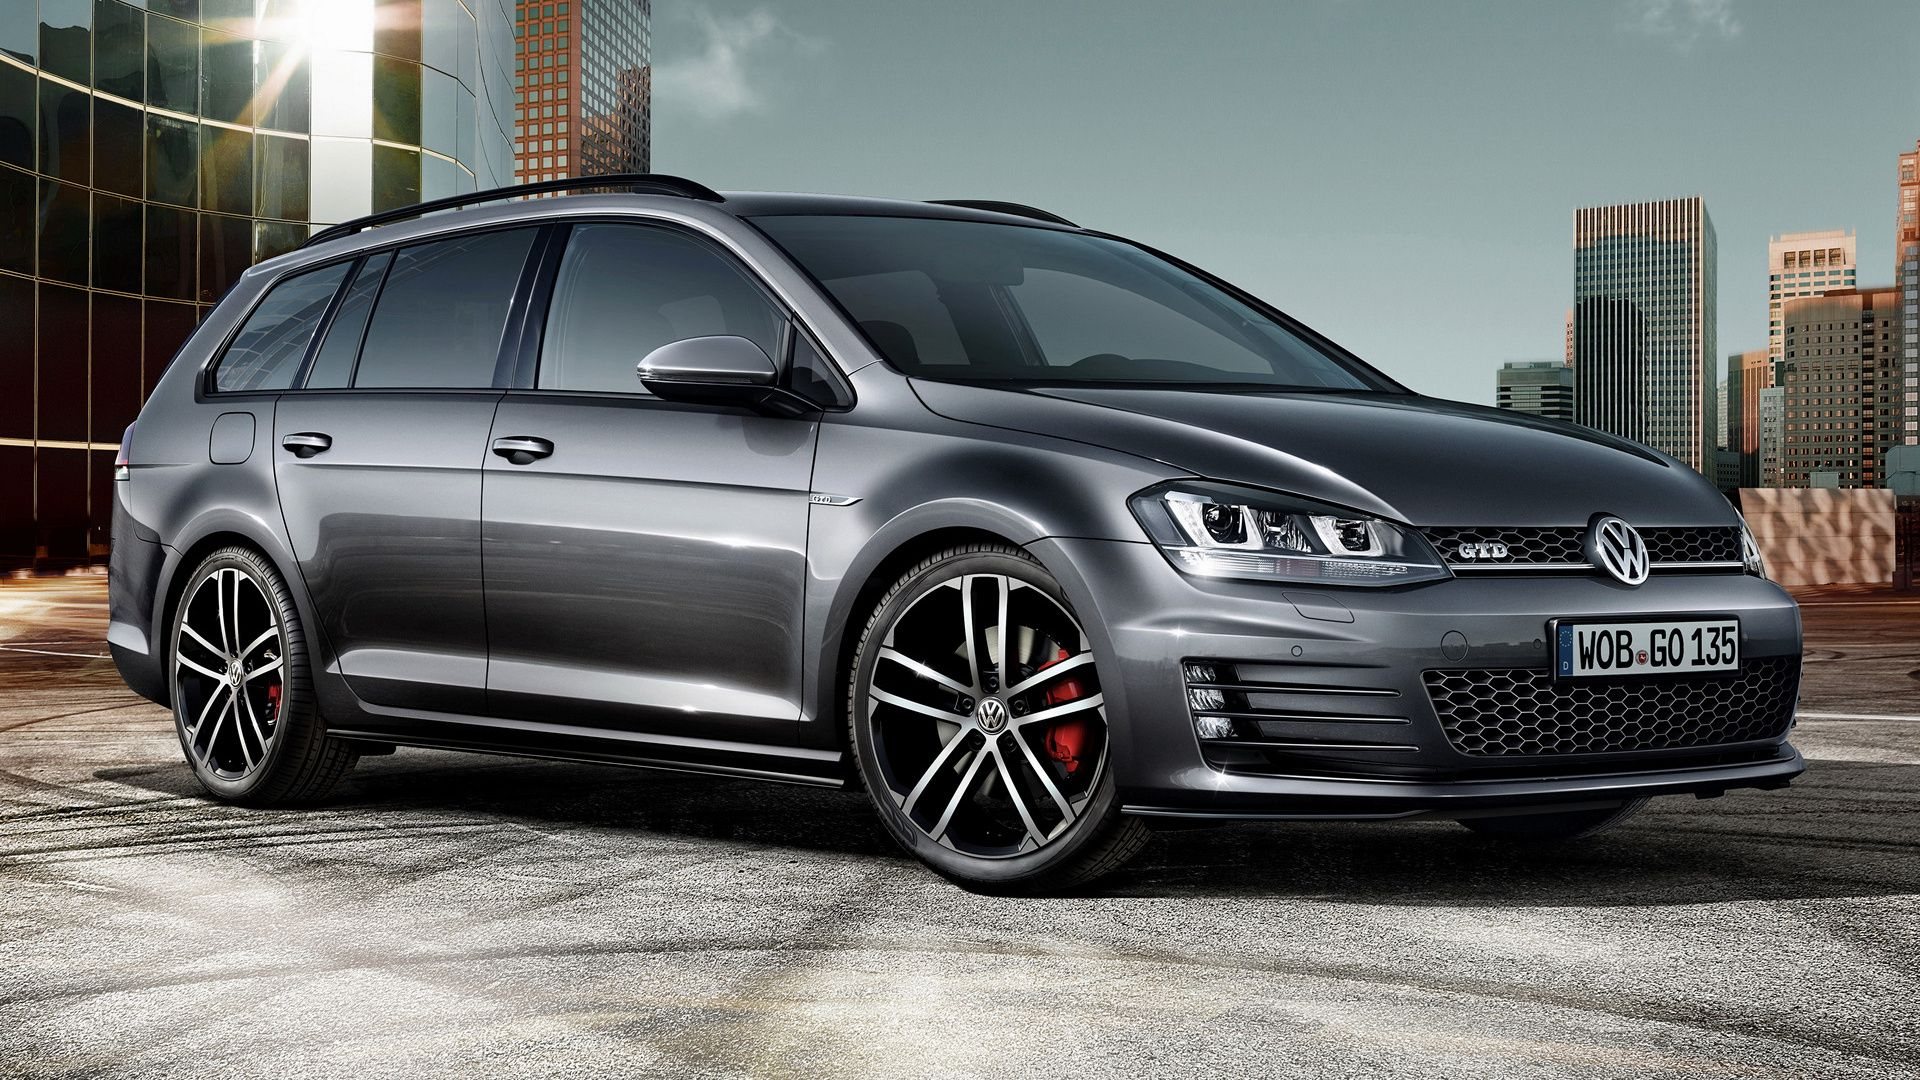 Vw Golf 7 Wallpaper Google Zoeken Volkswagen Golf Volkswagen Vw Tdi